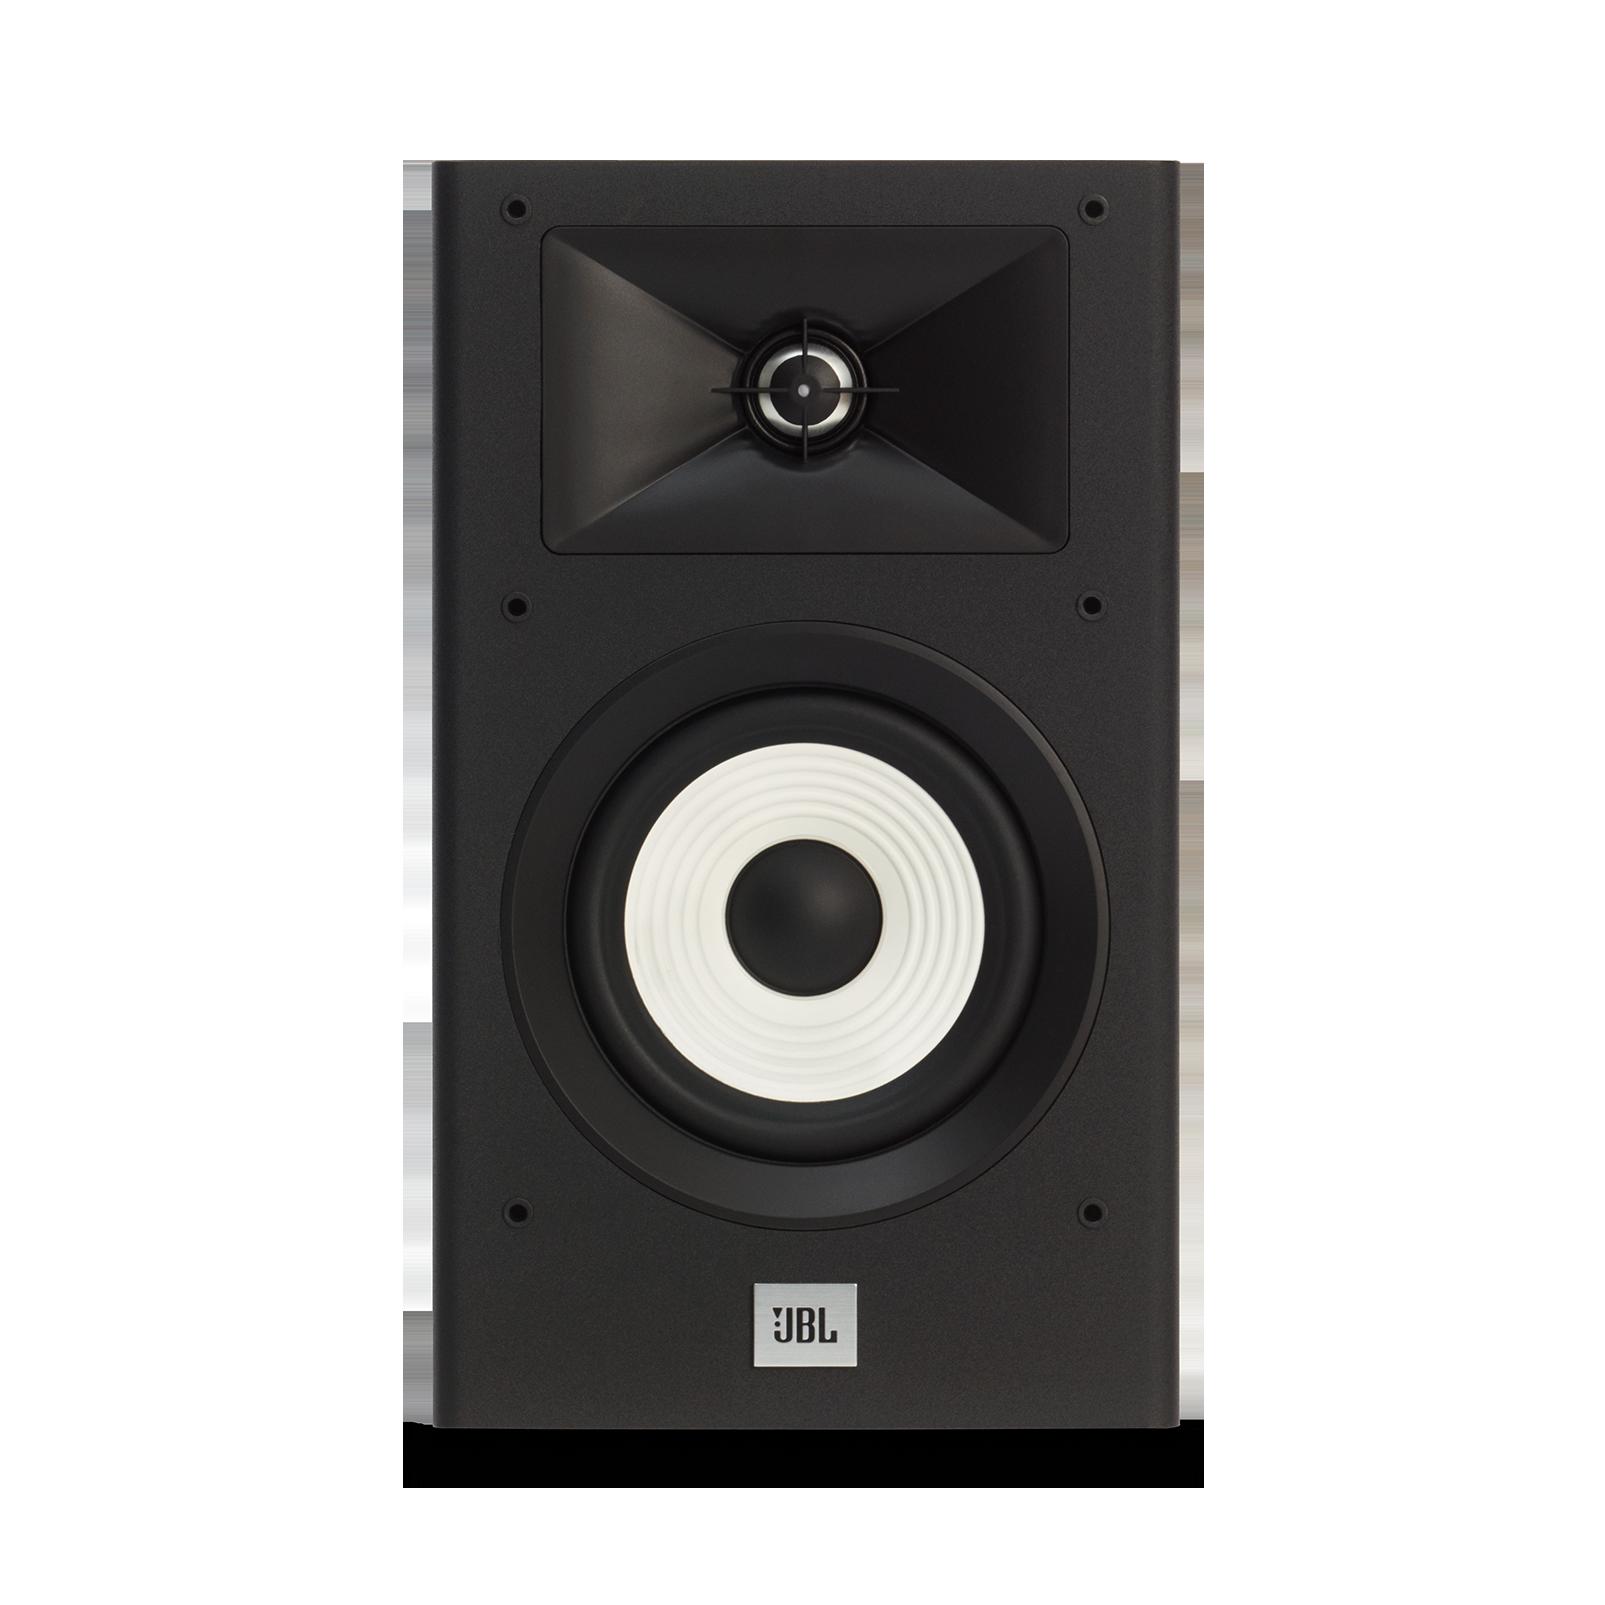 JBL Stage A130 - Black - Home Audio Loudspeaker System - Detailshot 2